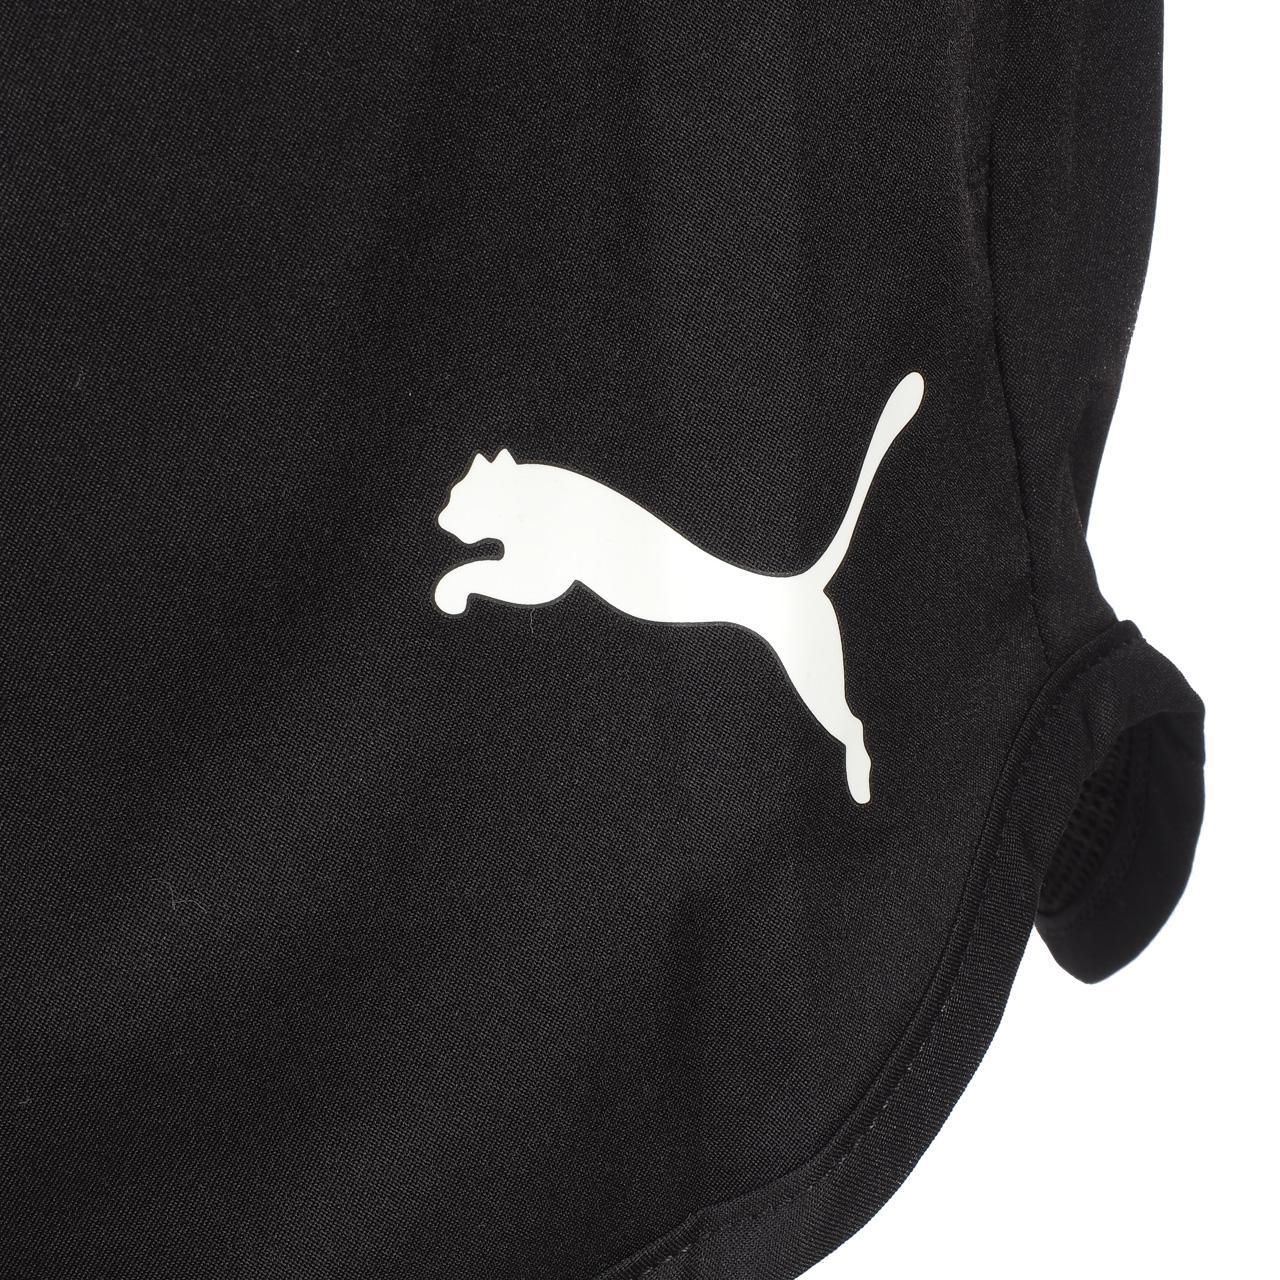 Frau-Shorts-Puma-Active-Woven-Shorts-Blk-L-Schwarz-13011-Neu Indexbild 3